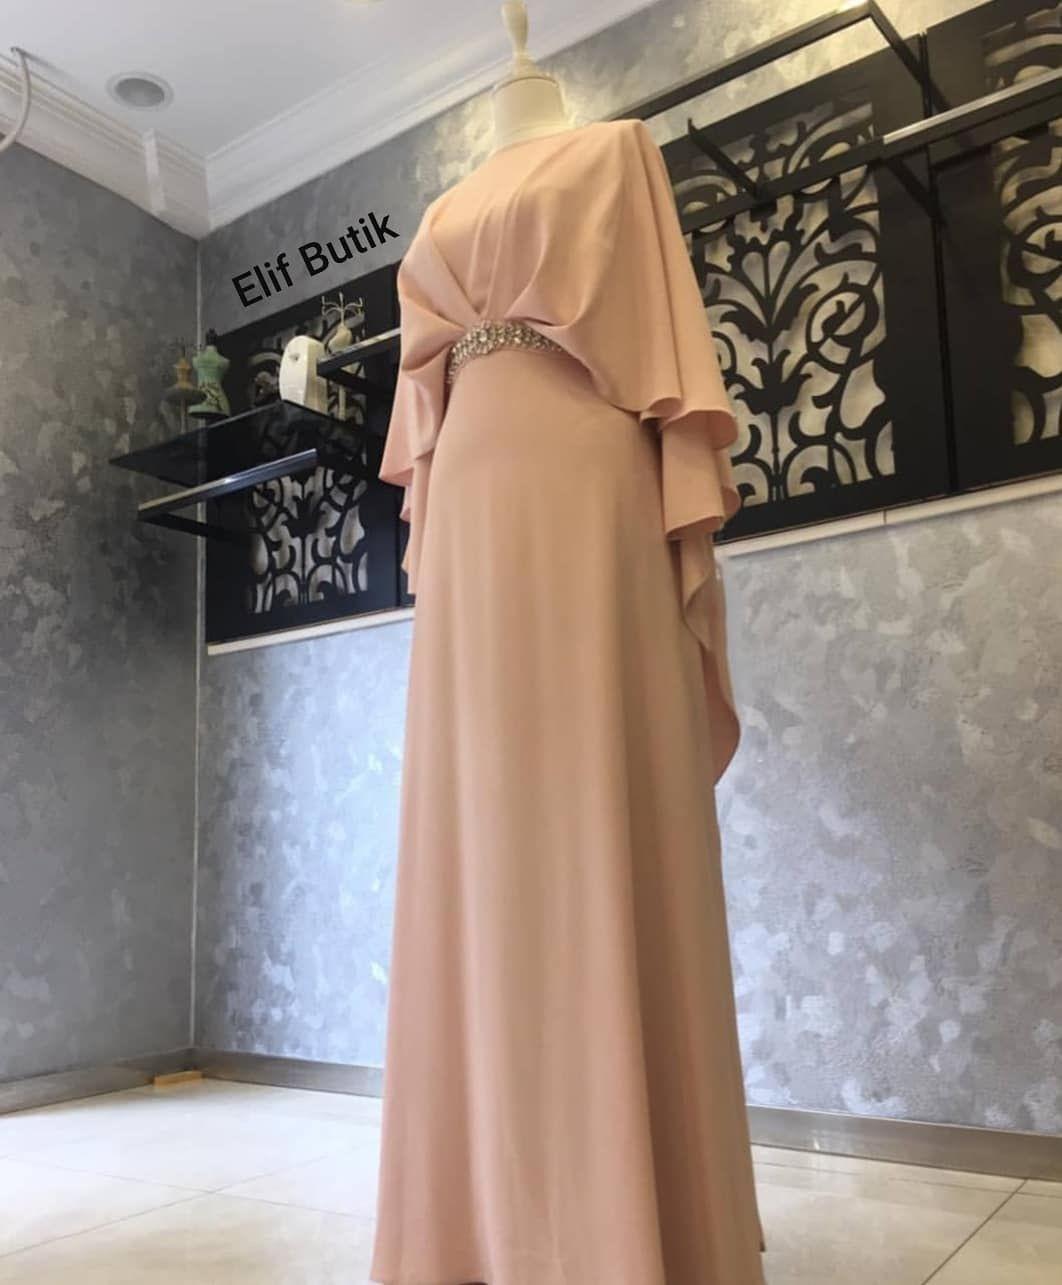 Designer Schön Abendkleid München für 201917 Top Abendkleid München Ärmel